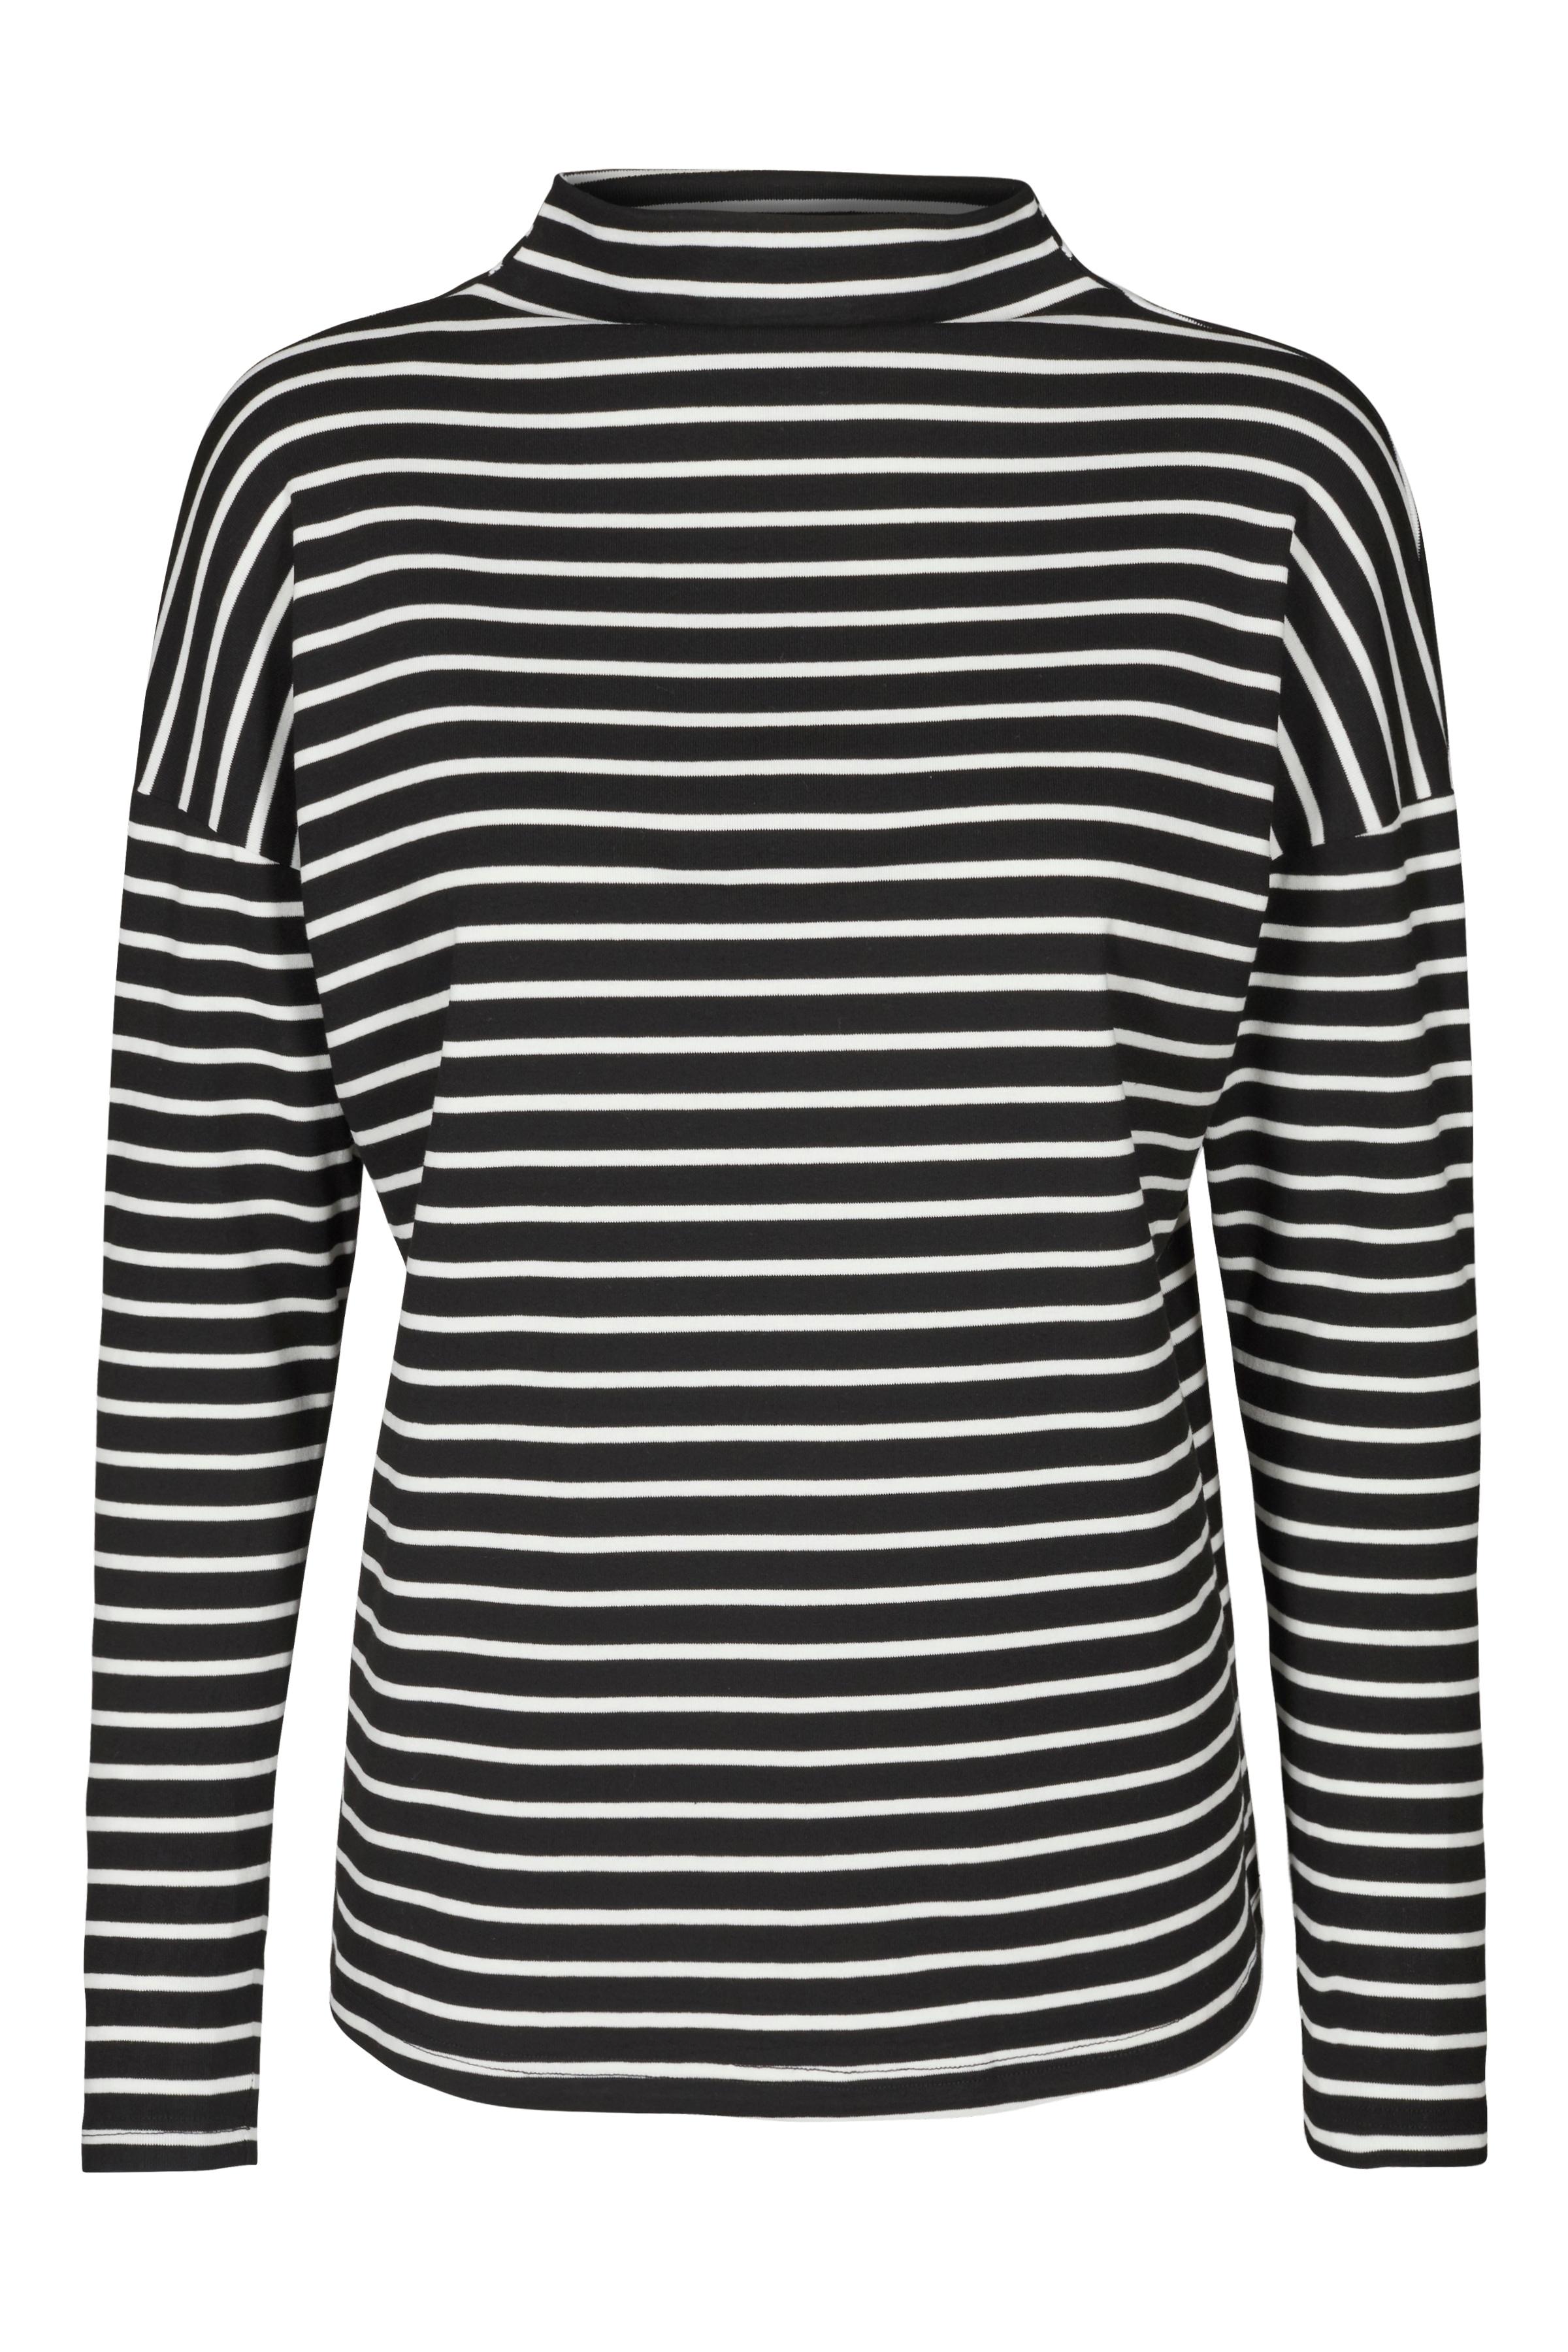 KAFFE Rollkragenshirt KAliddy High Neck | Bekleidung > Shirts > Rollkragenshirts | Kaffe